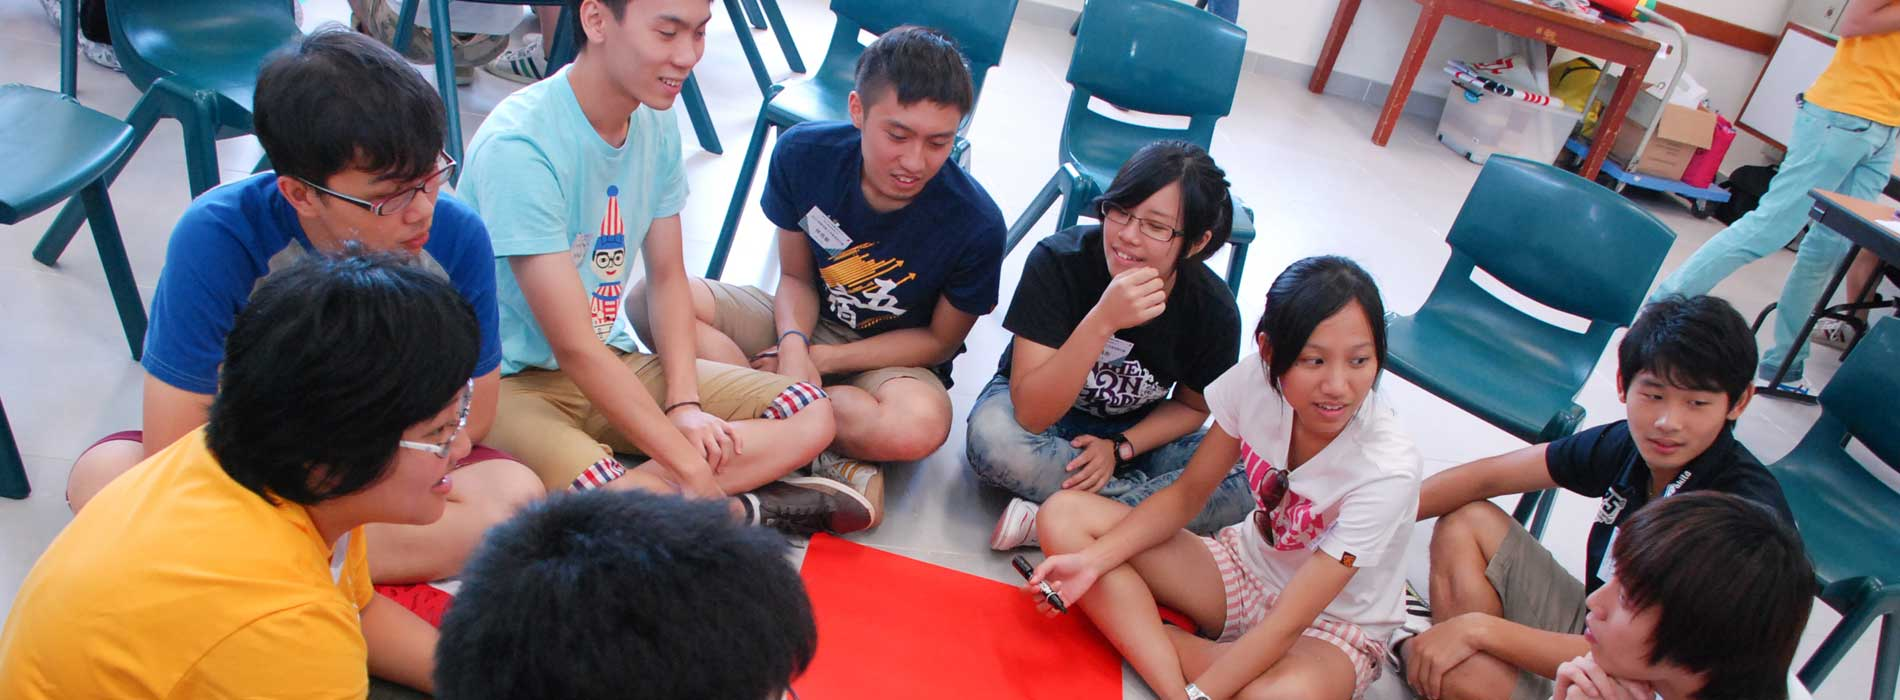 大學青年會(香港恒生大學)下載專區頁面橫幅